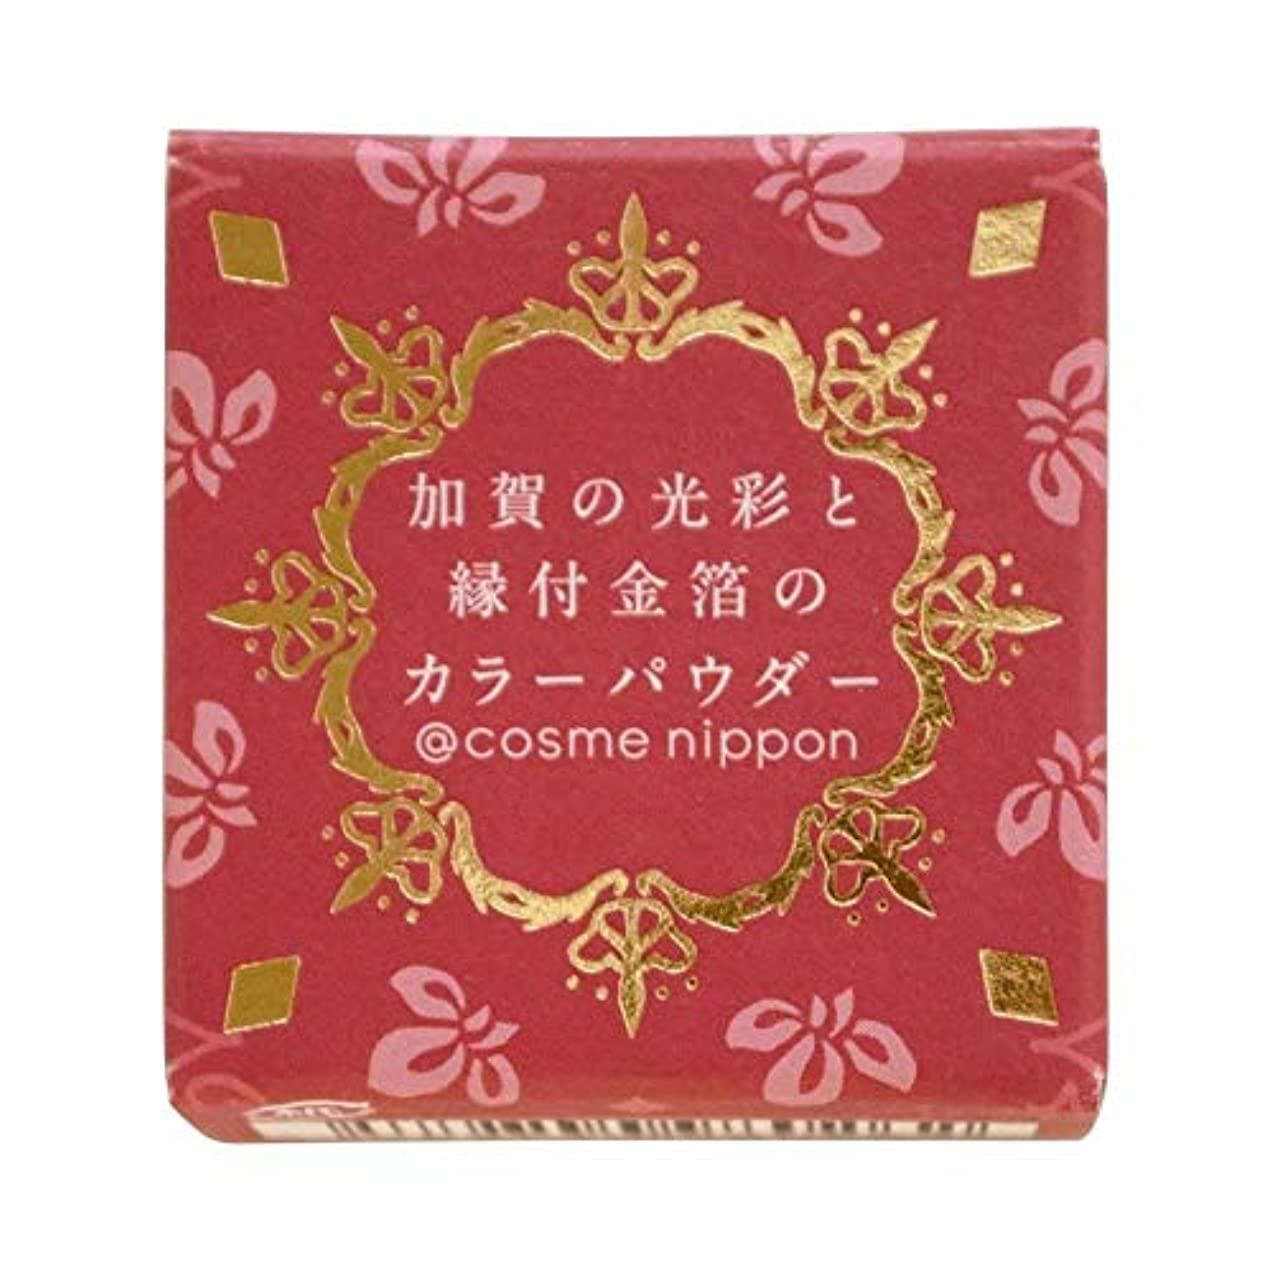 ミント希望に満ちた特権友禅工芸 すずらん加賀の光彩と縁付け金箔のカラーパウダー02臙脂えんじ